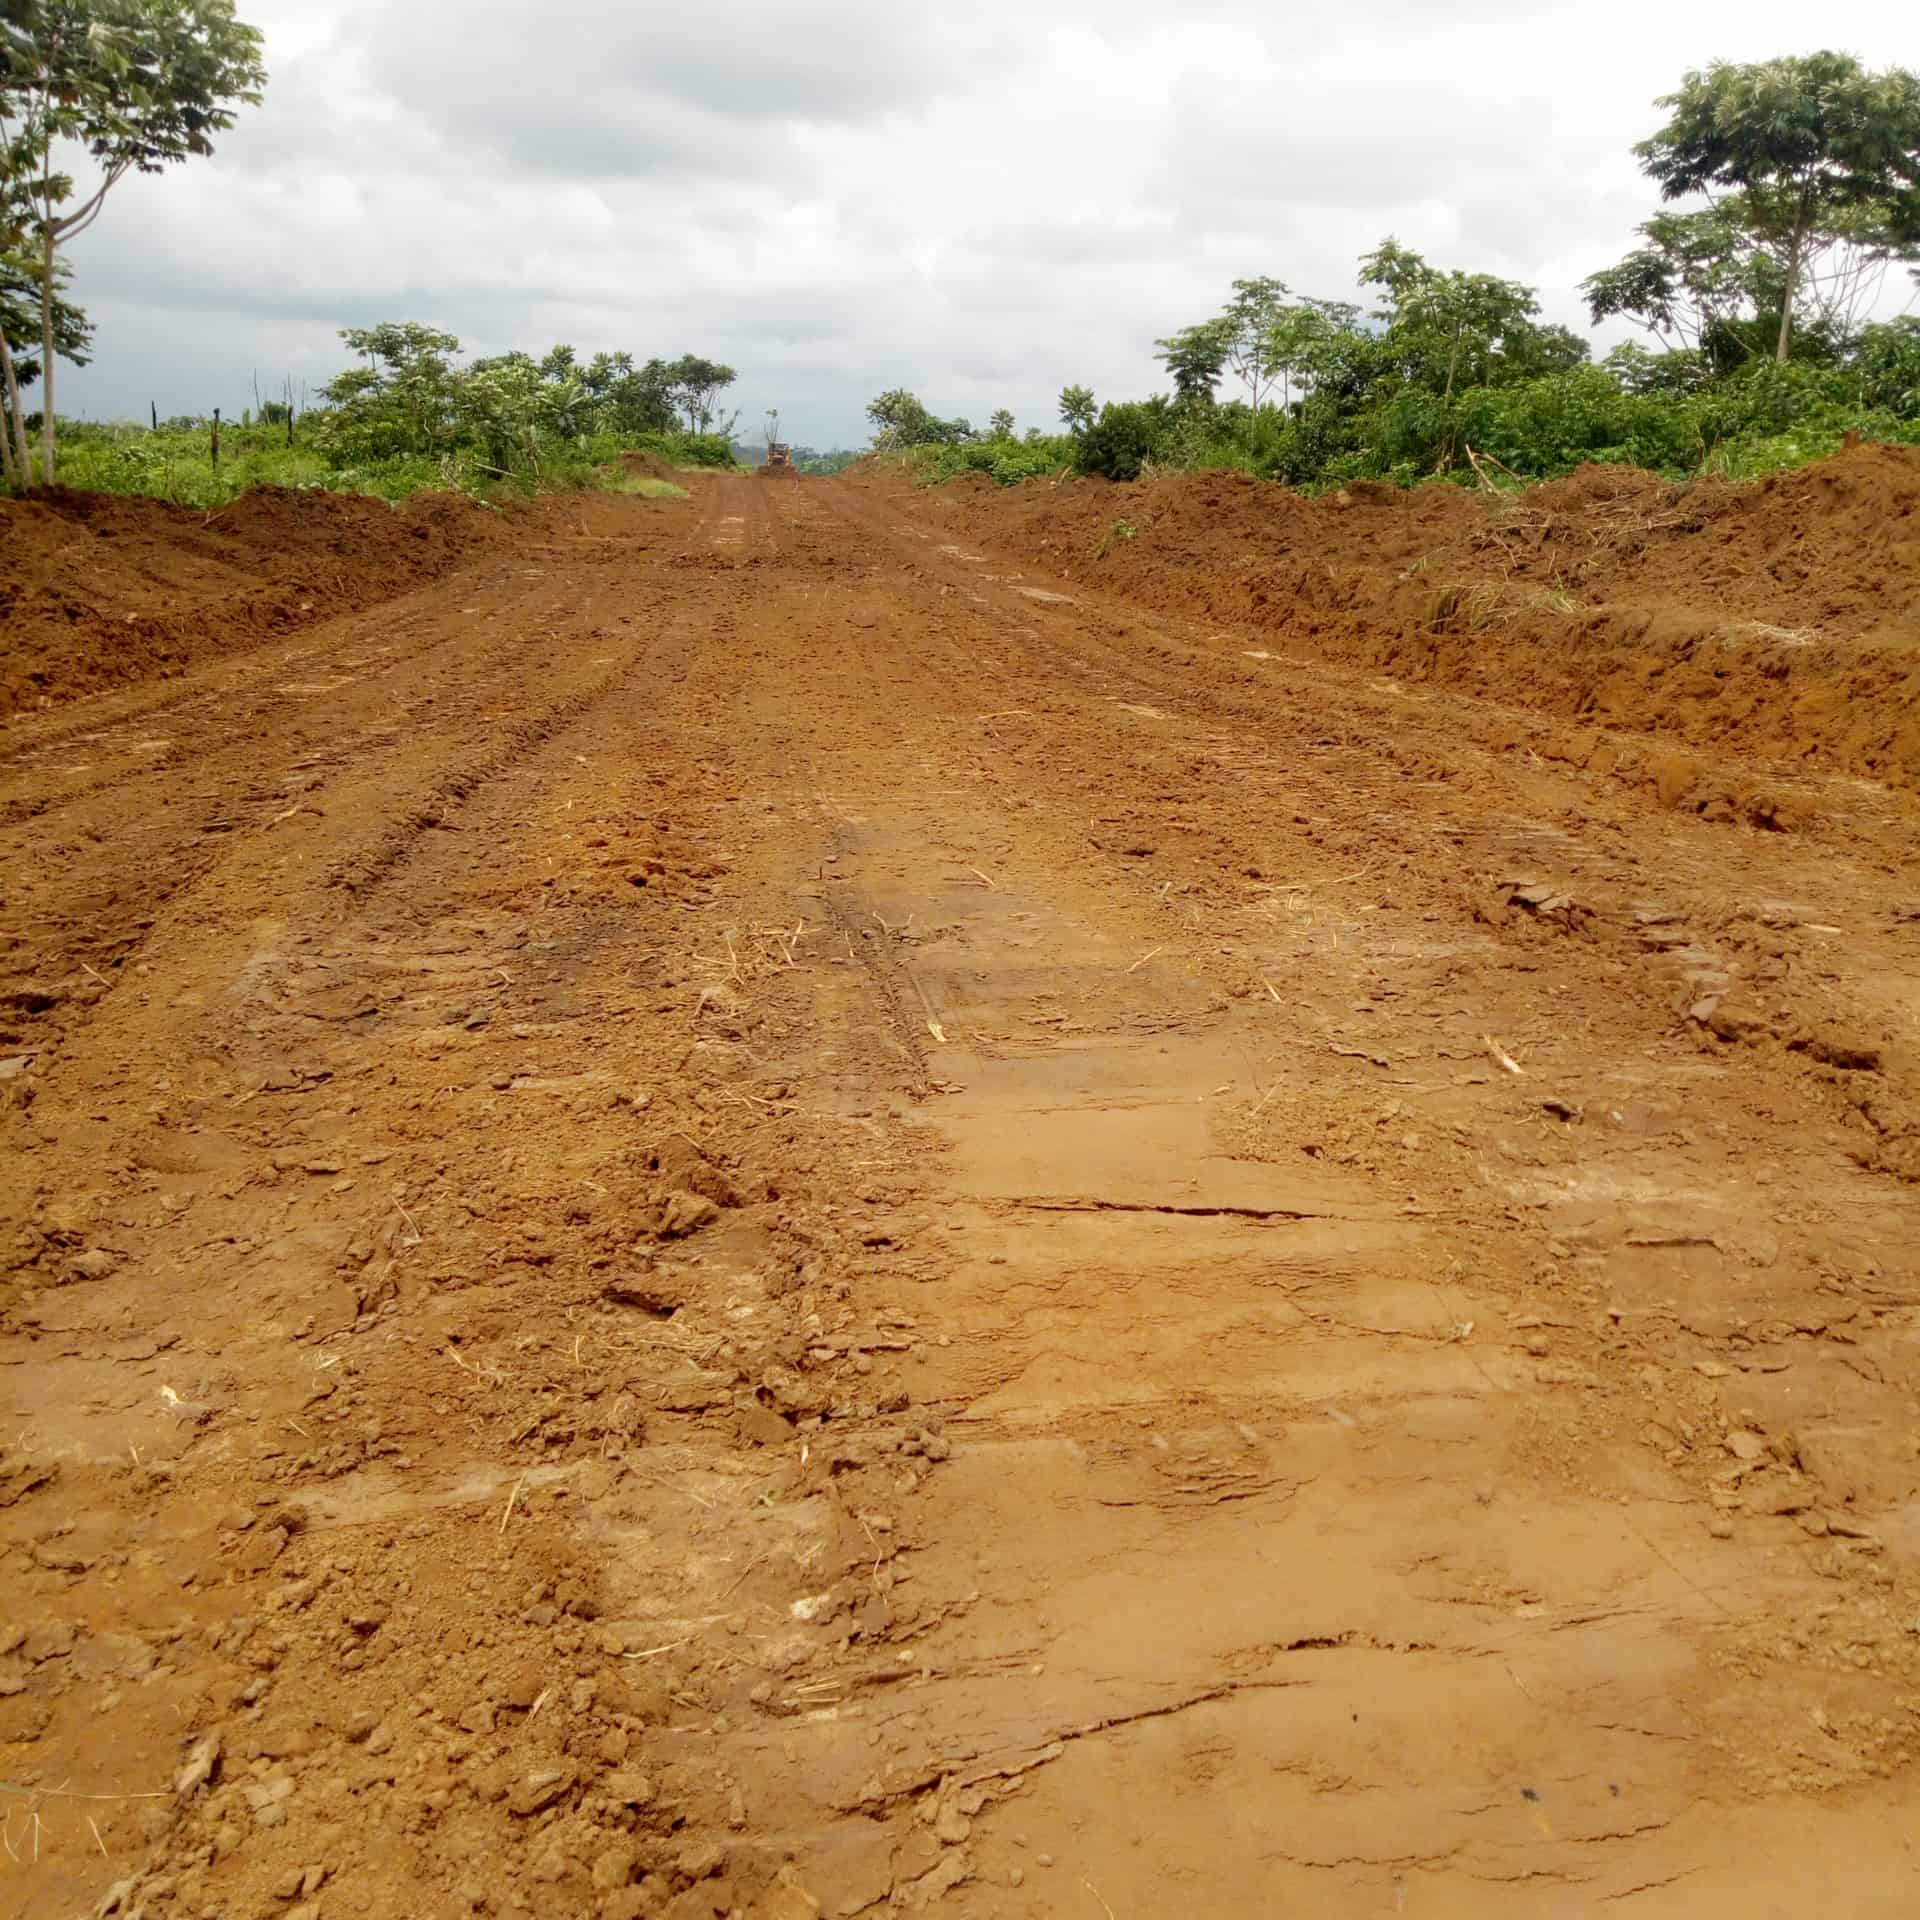 Land for sale at Douala, PK 19, Pk19 - 3000 m2 - 7 000 000 FCFA